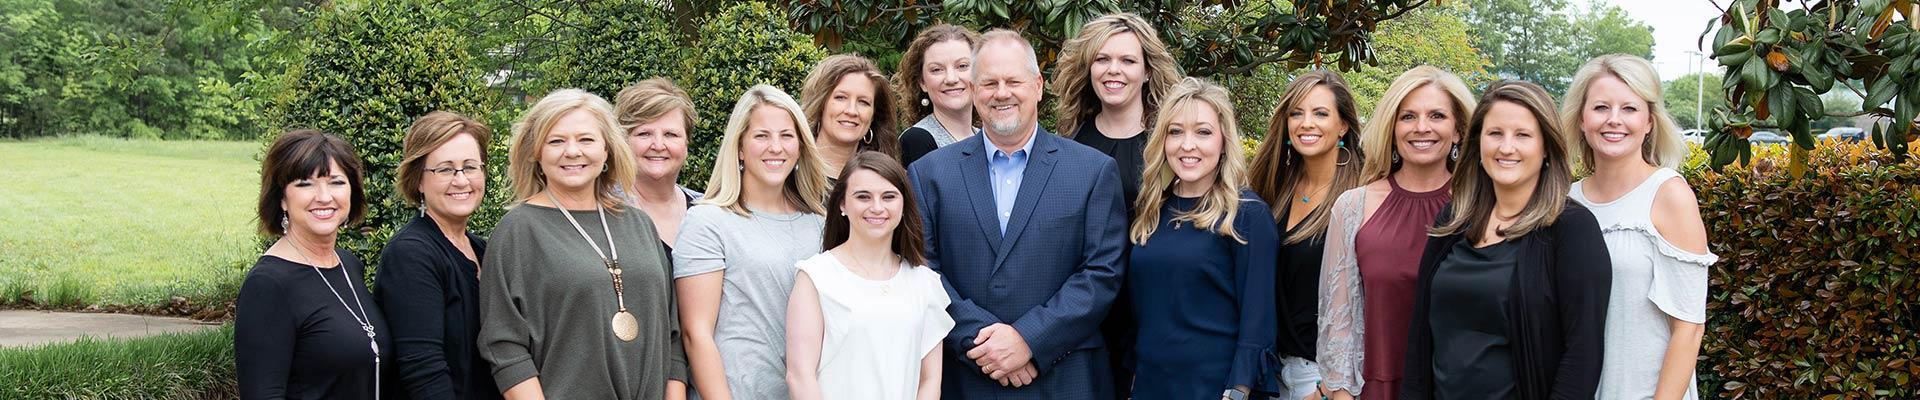 Group-Staff-Photo-Orthodontist-Lew-B-Sample-Decatur-Hartselle-AL